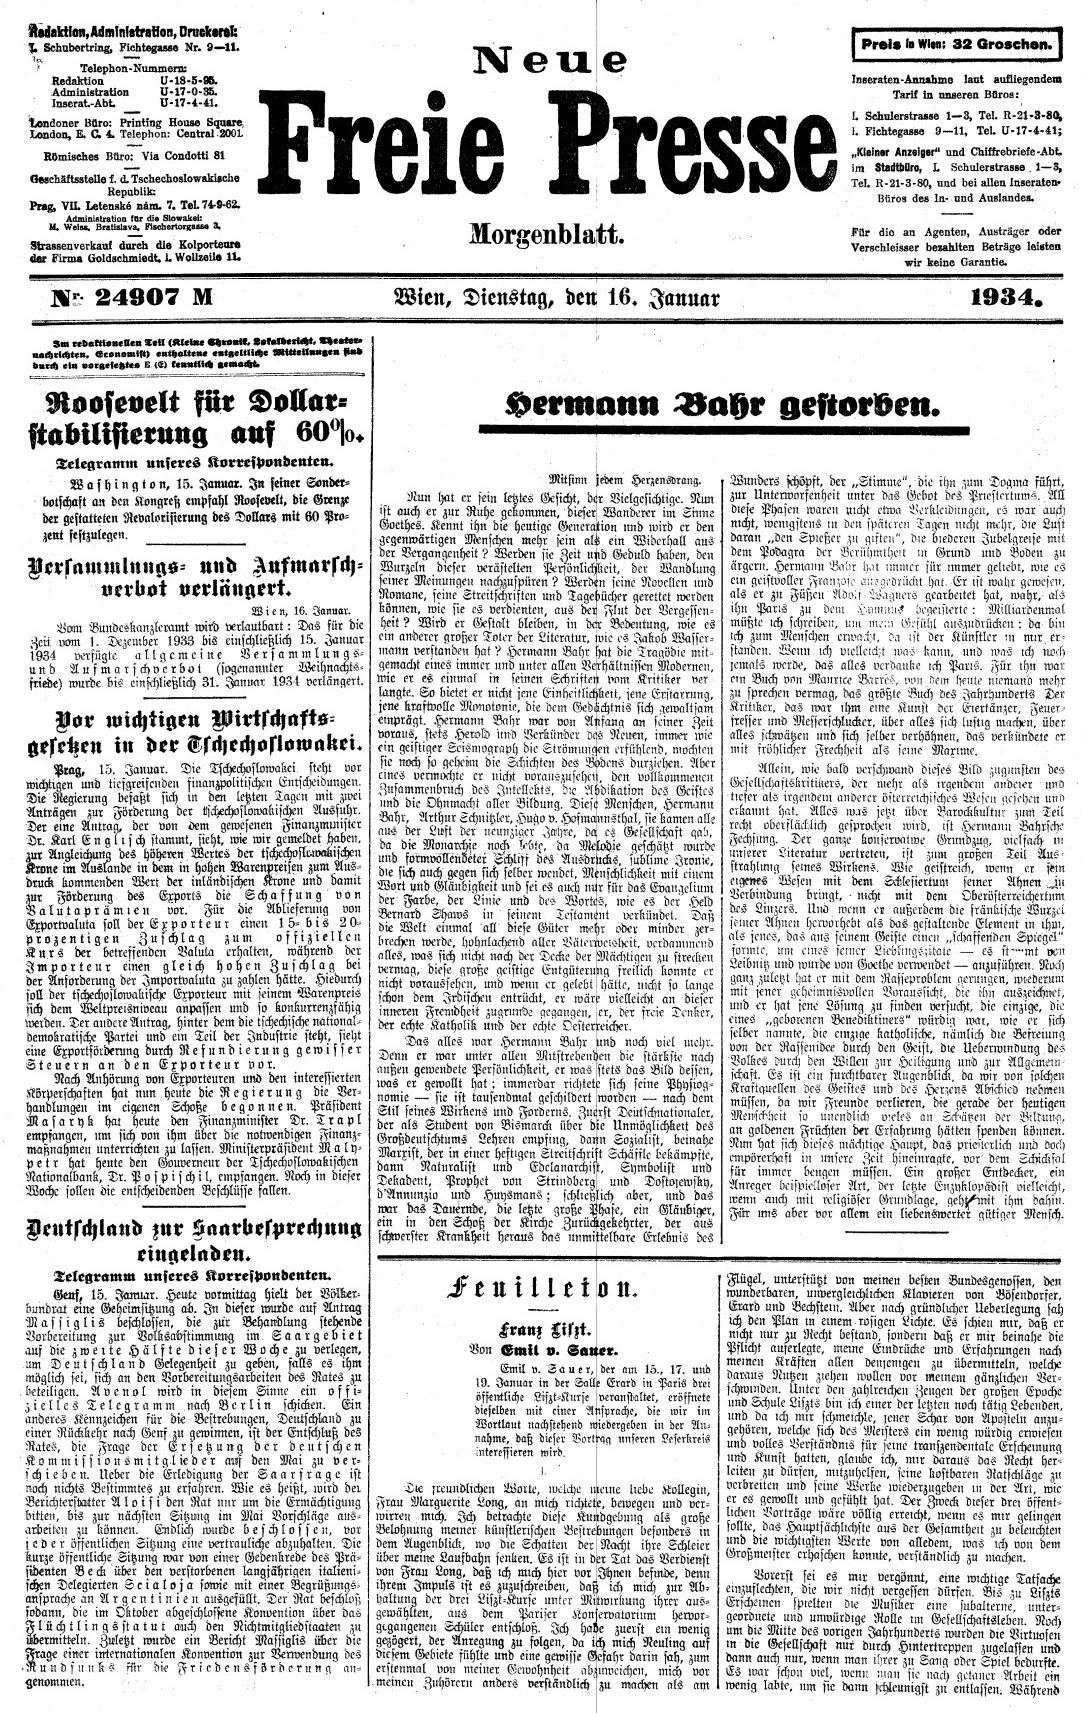 Titulní strana vídeňského listu Neue Freie Presse s oznámením o jeho skonu